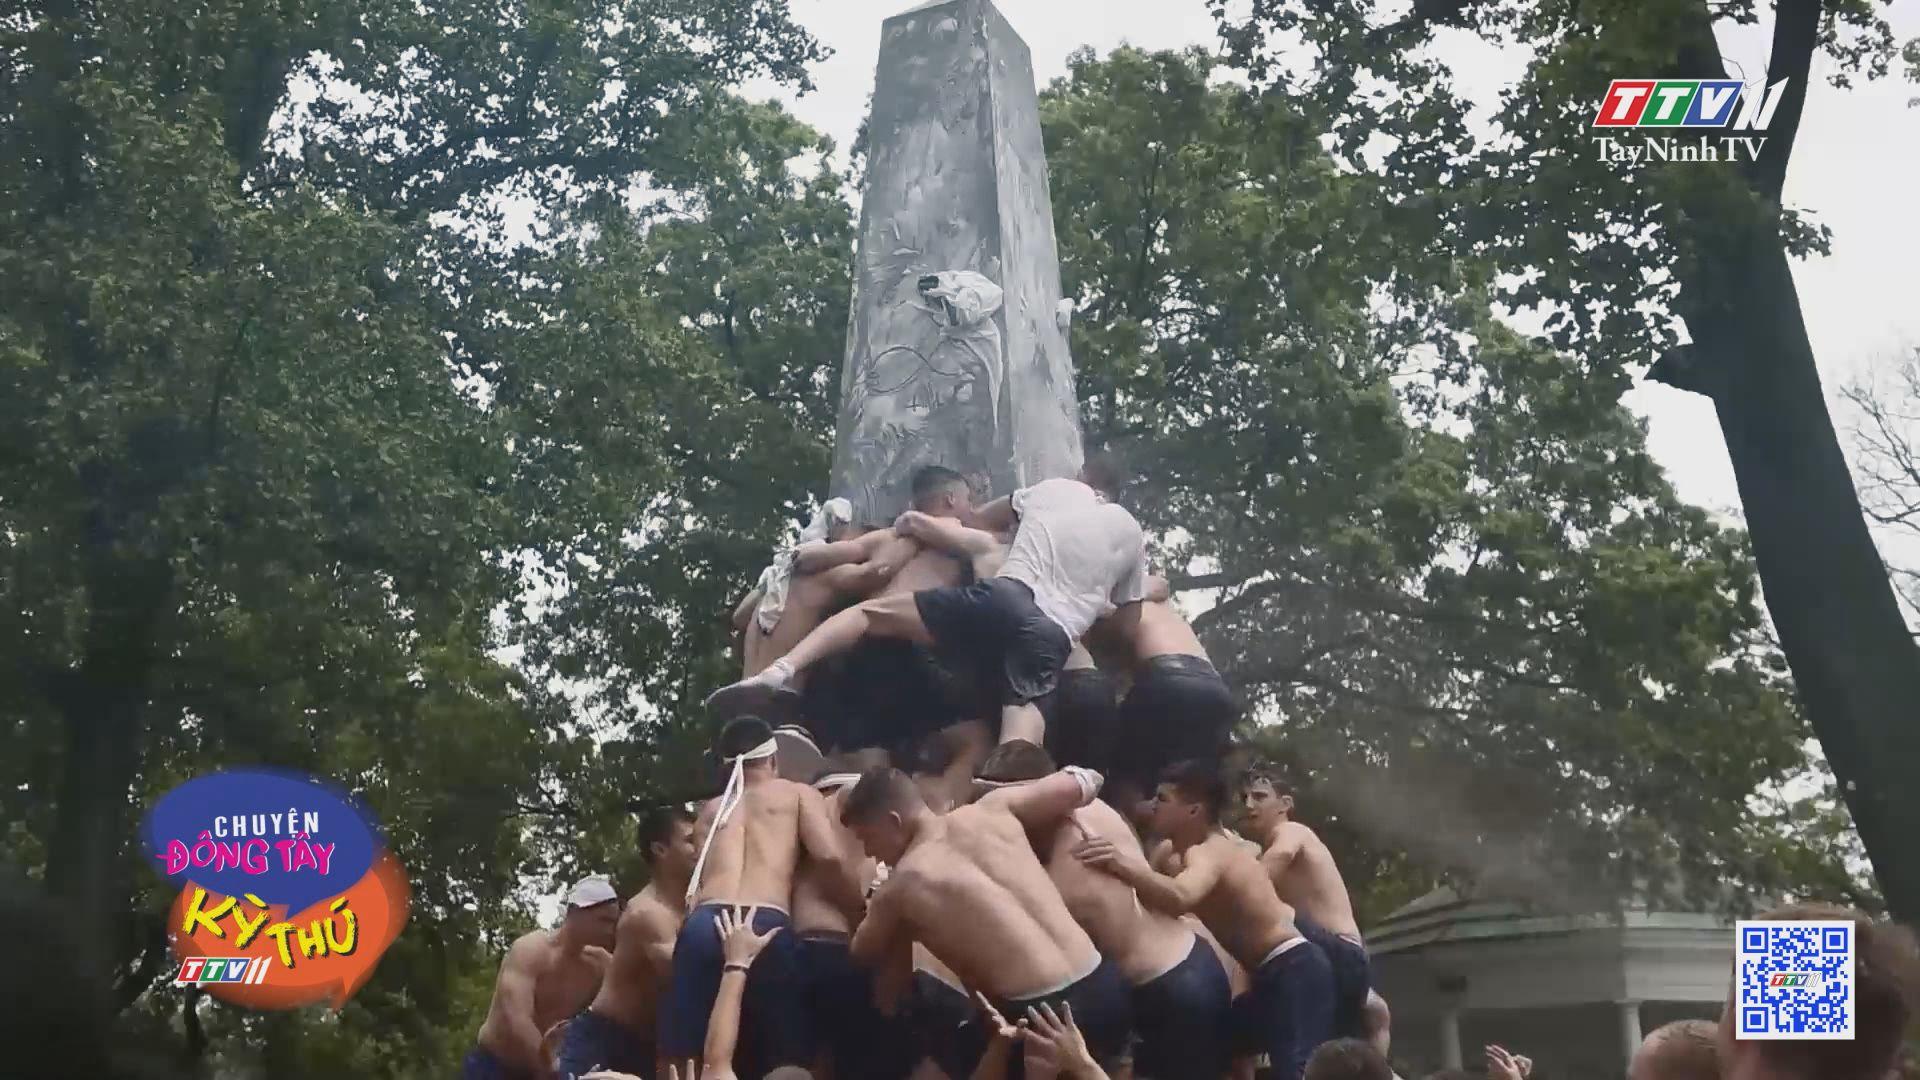 Kỳ thú trò thử thách leo cột của tân binh hải quân Mỹ | CHUYỆN ĐÔNG TÂY KỲ THÚ | TayNinhTVE